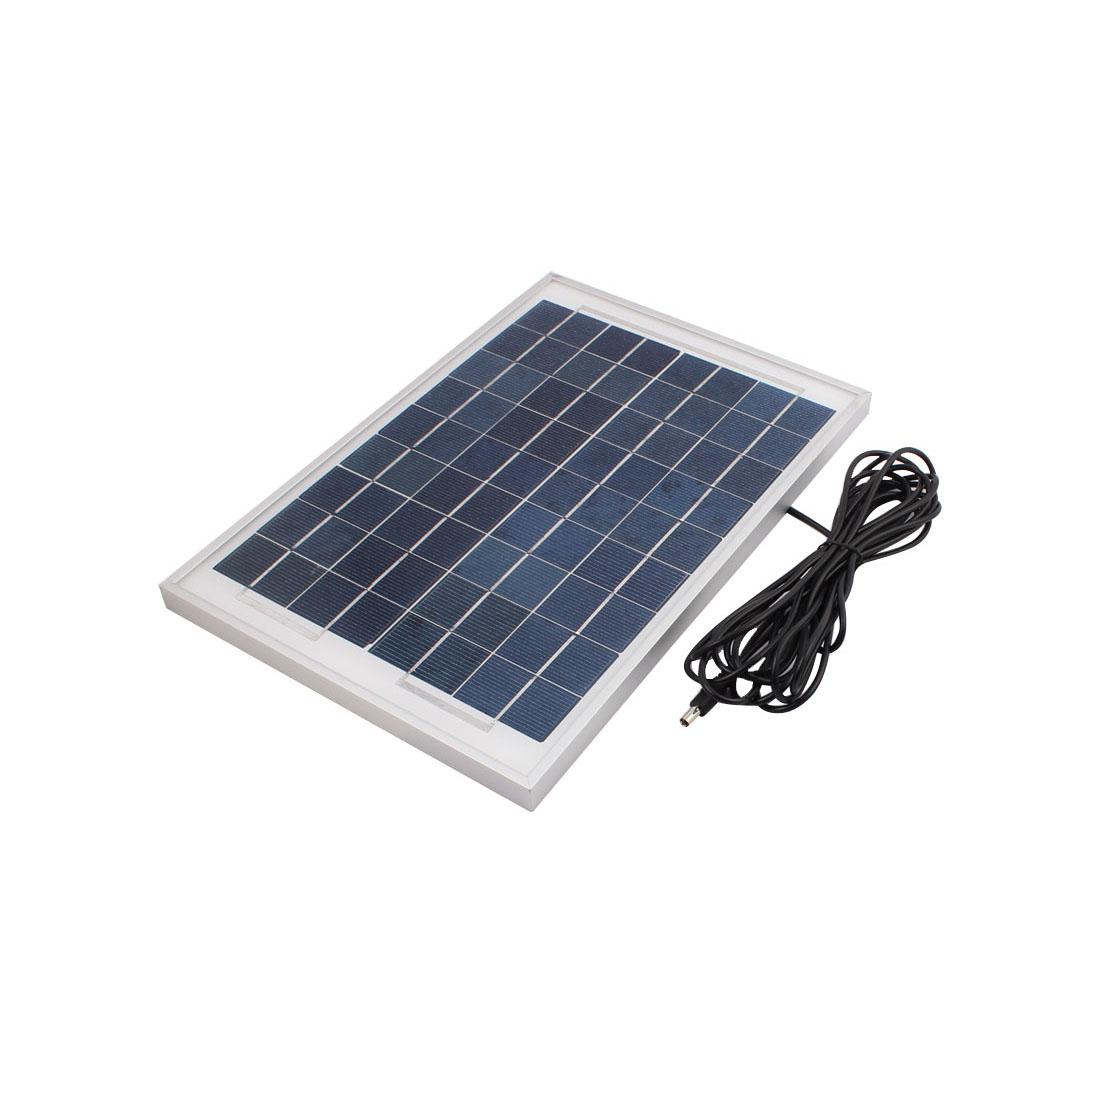 345mmx235mmx17mm 10 Watts 12 Volts Monocrystalline Solar Panel